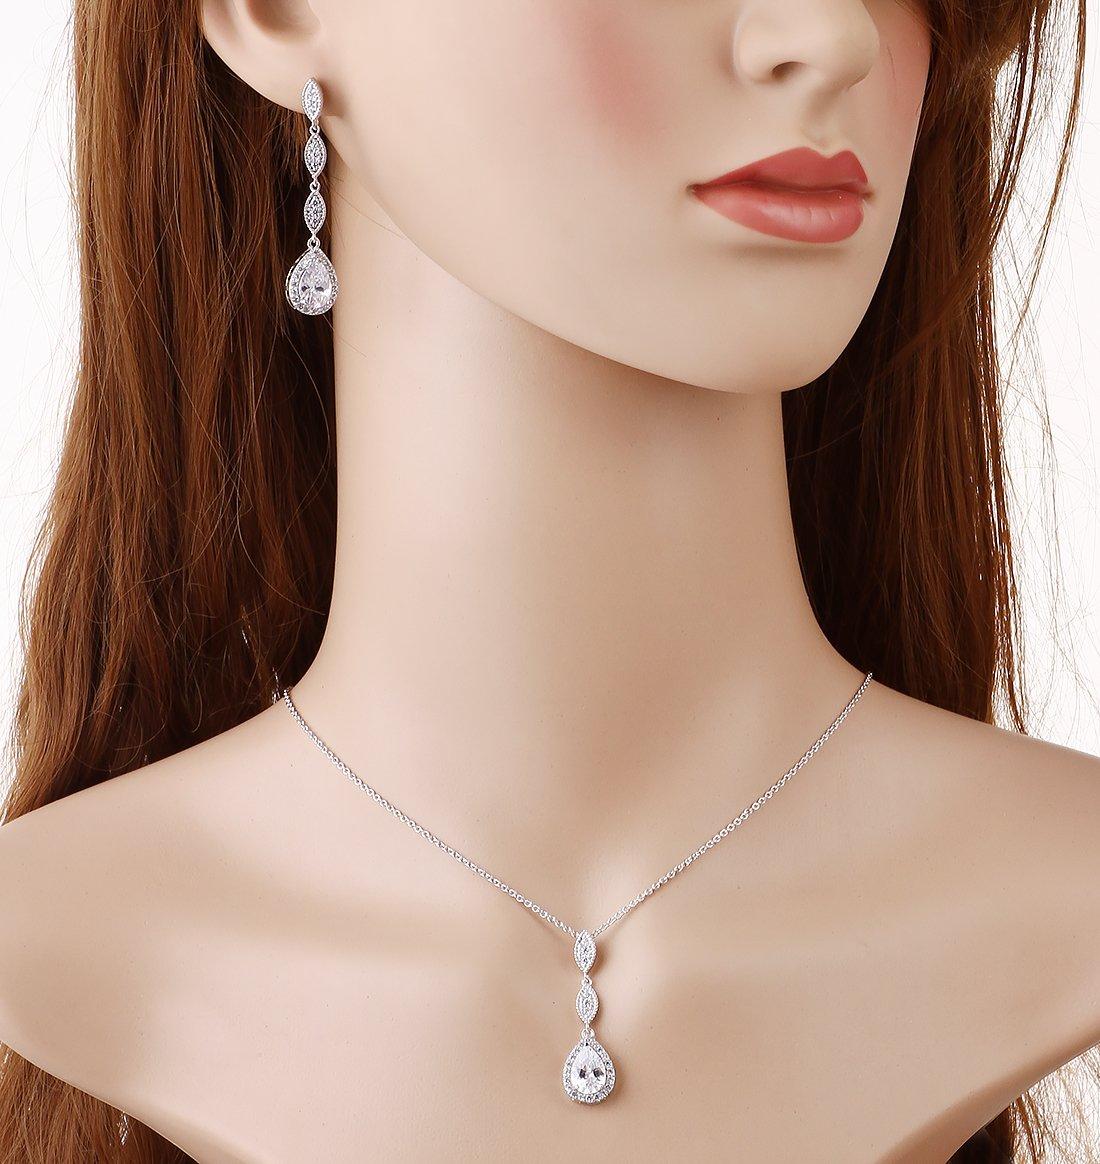 Wordless Love Teardrop Pear Shape CZ Necklace Pierced Earrings Women Wedding Jewelry Sets by Wordless Love (Image #4)